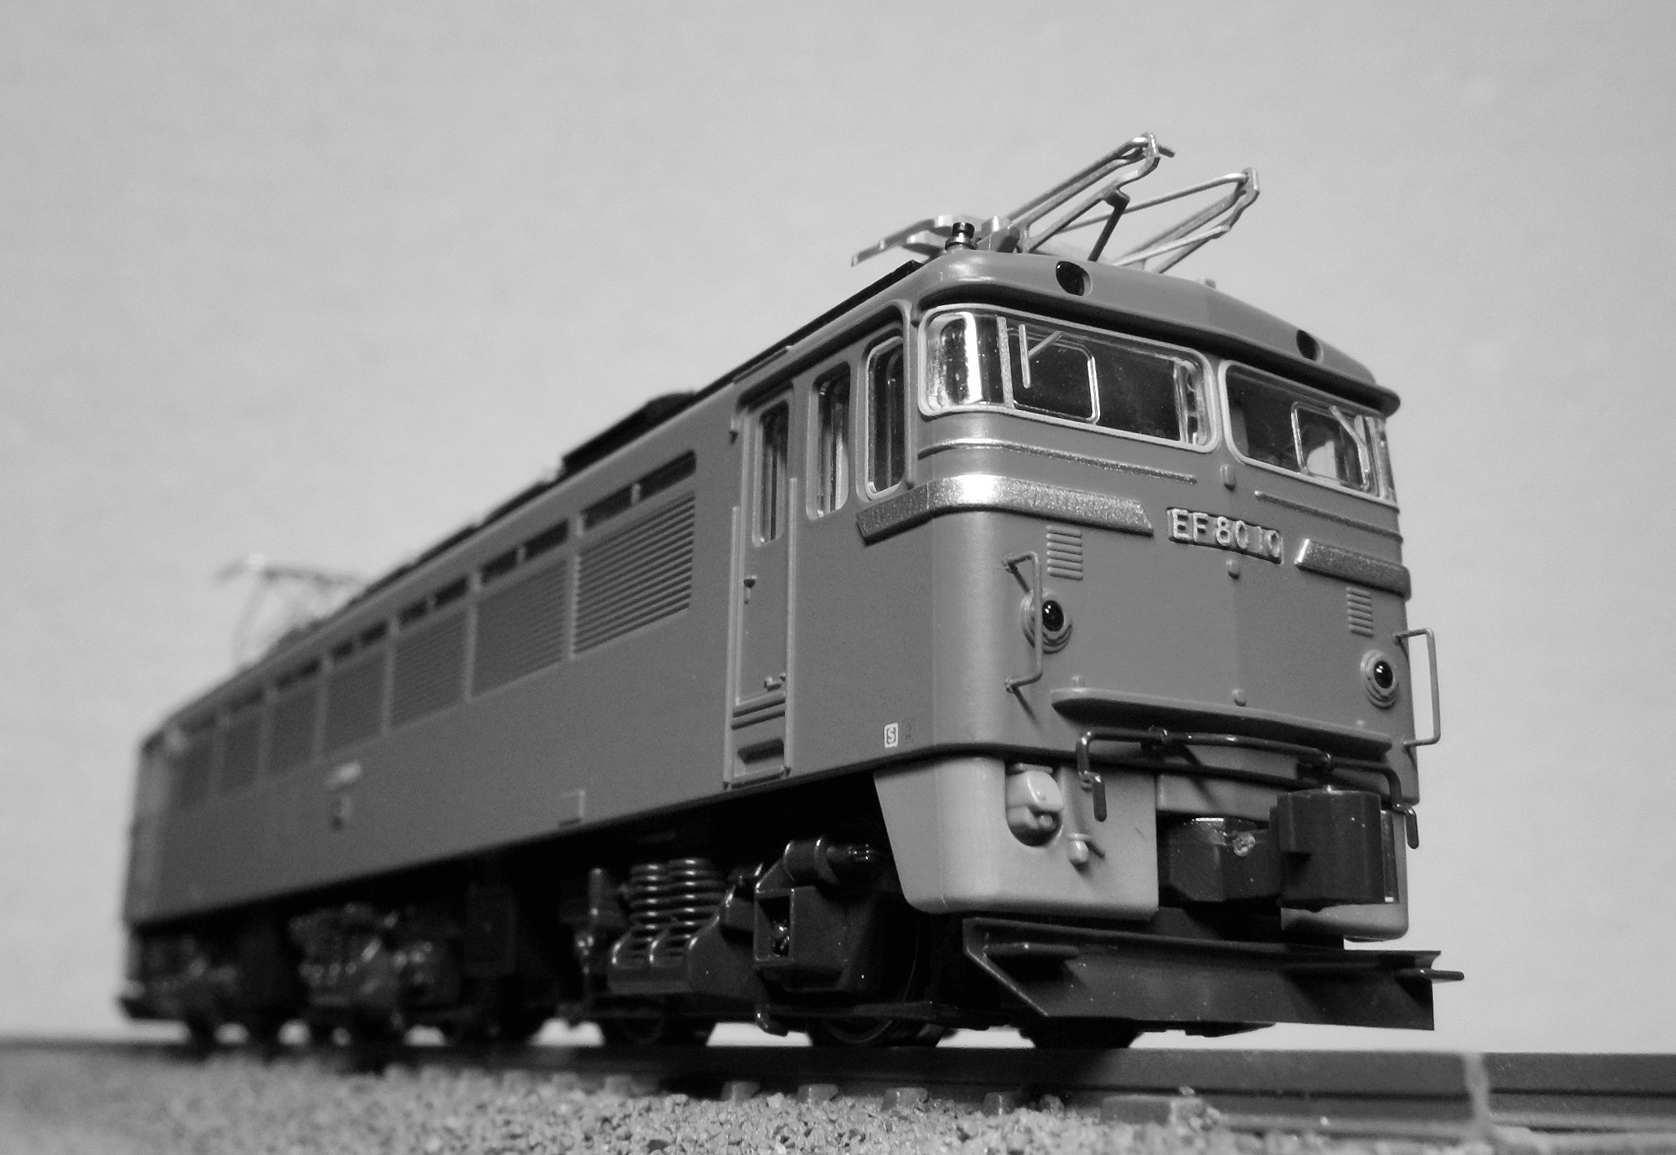 DSCN9653-2.jpg